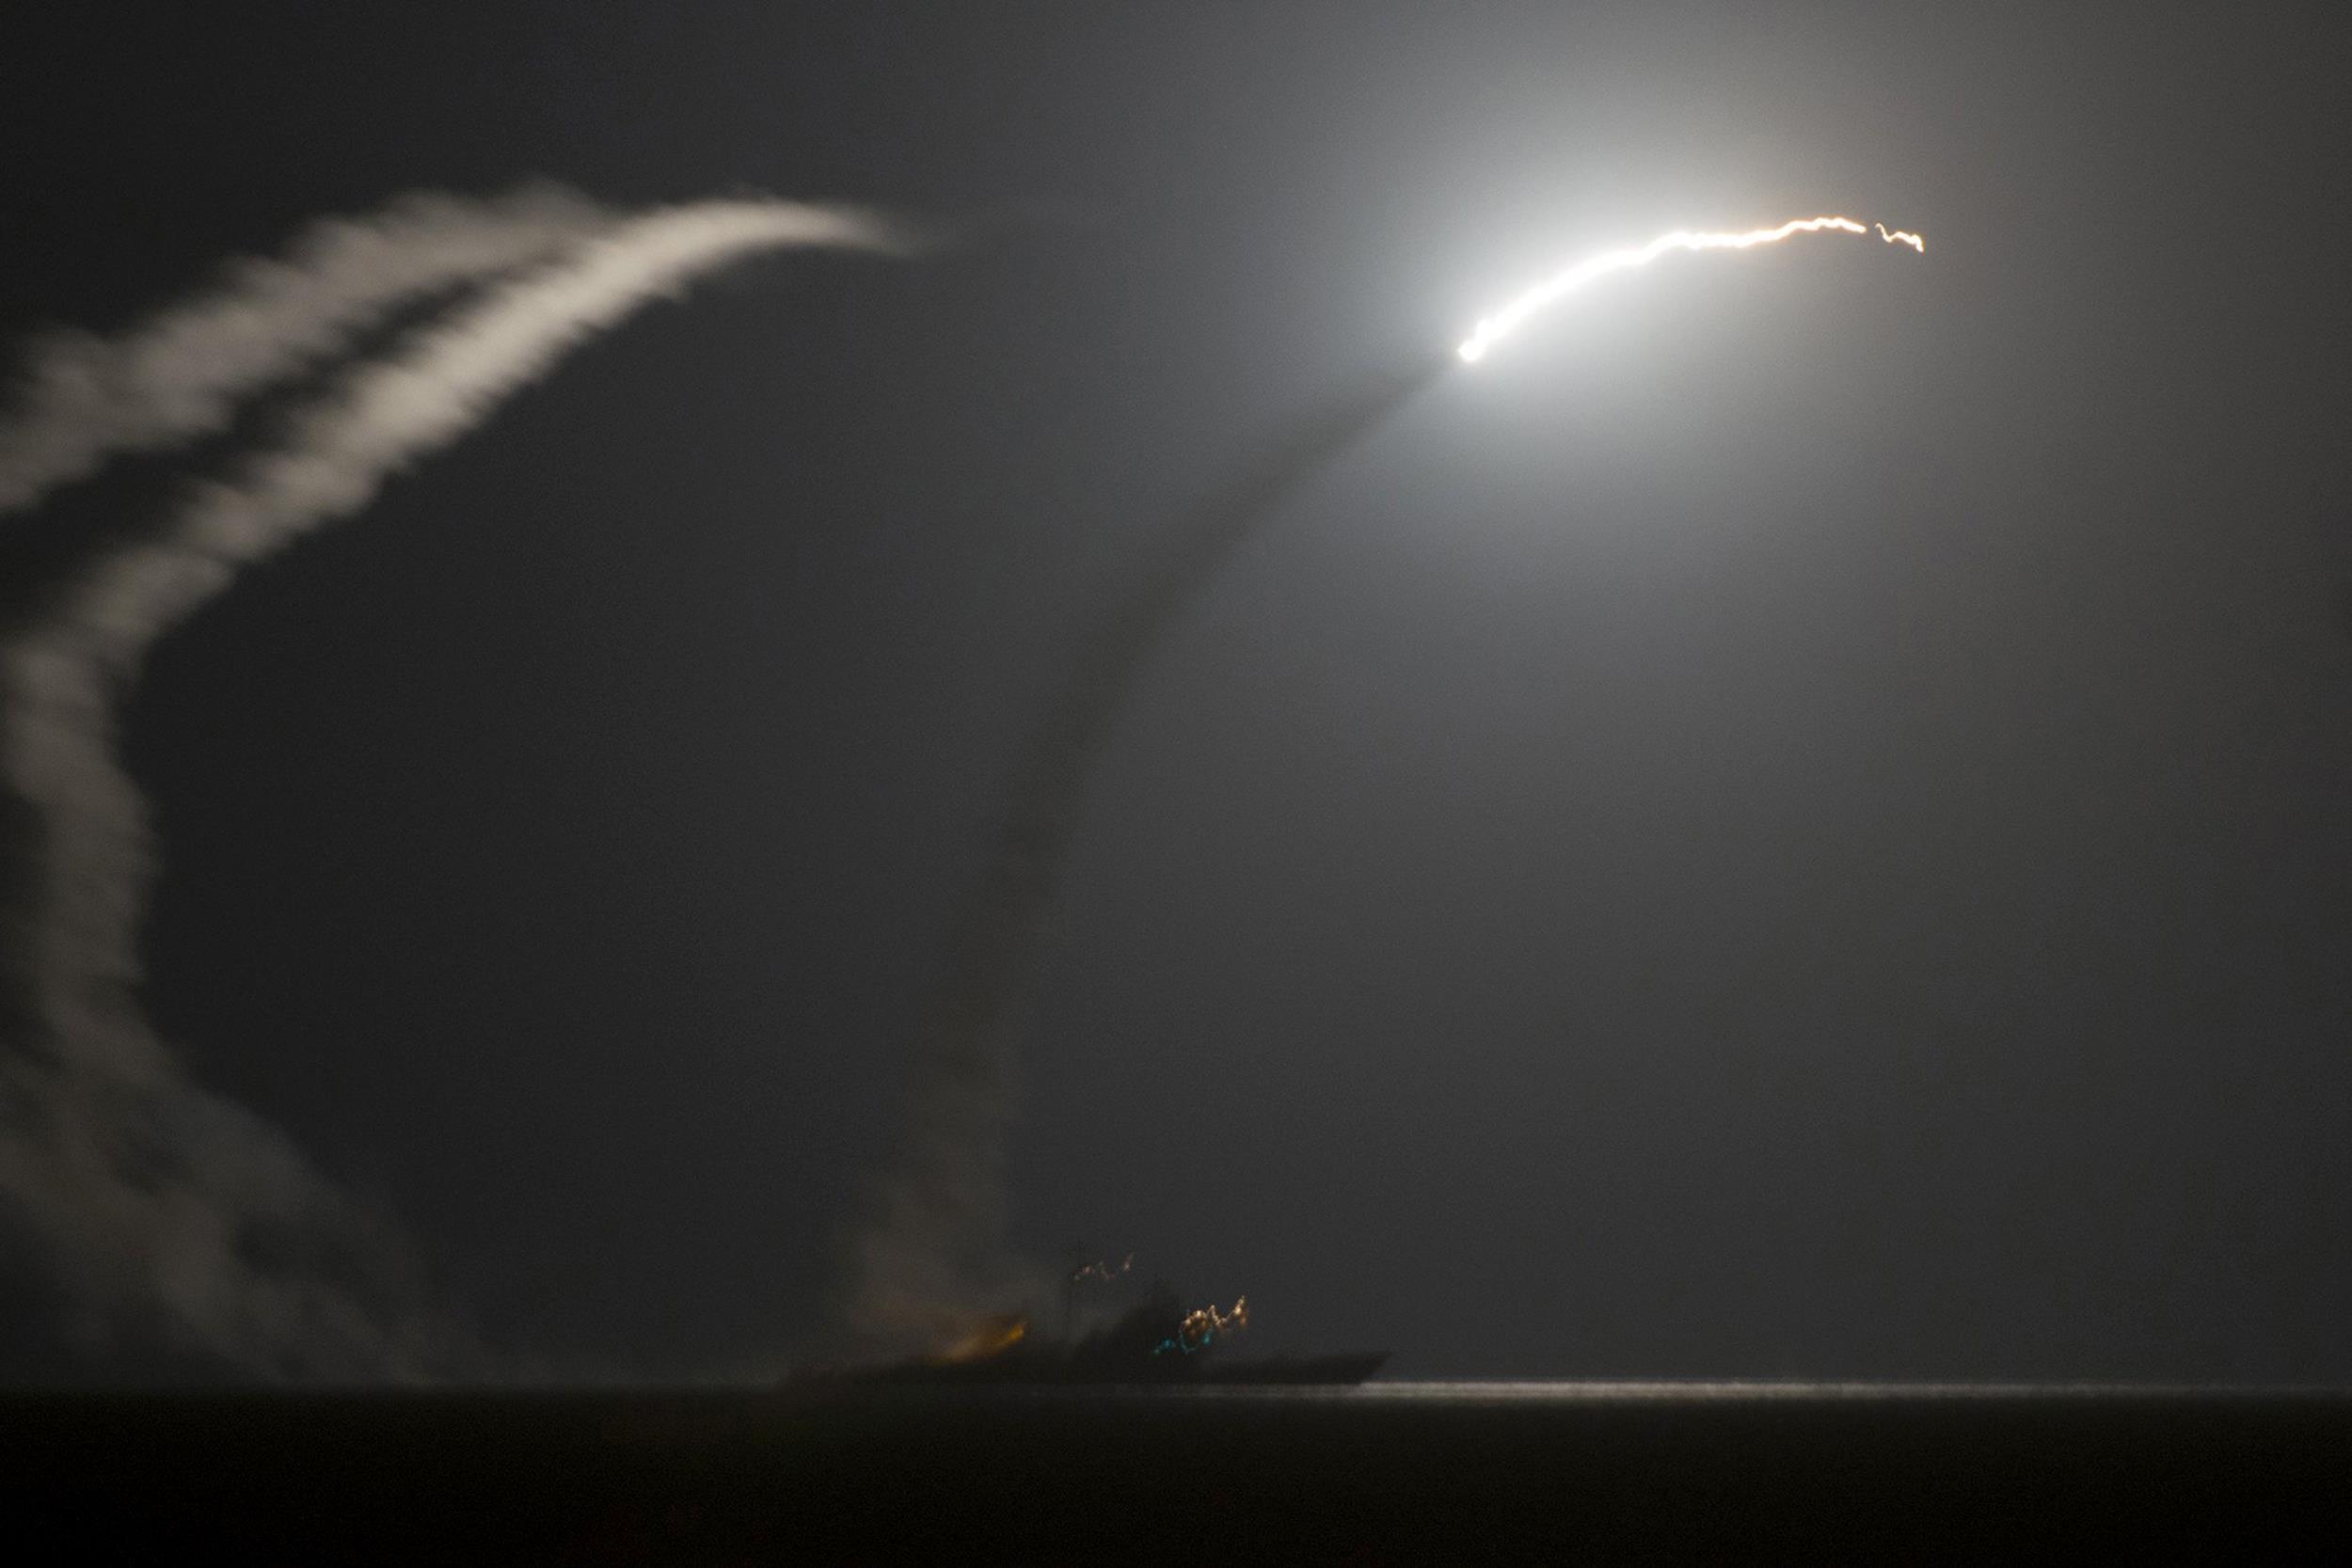 المصاعب اللوجستيه الامريكيه في عمليات القصف الجوي ضد داعش في سوريا  Pc-140923-us-tomahawk-isis-909_72c1a428b1267436947ce8be59f56293